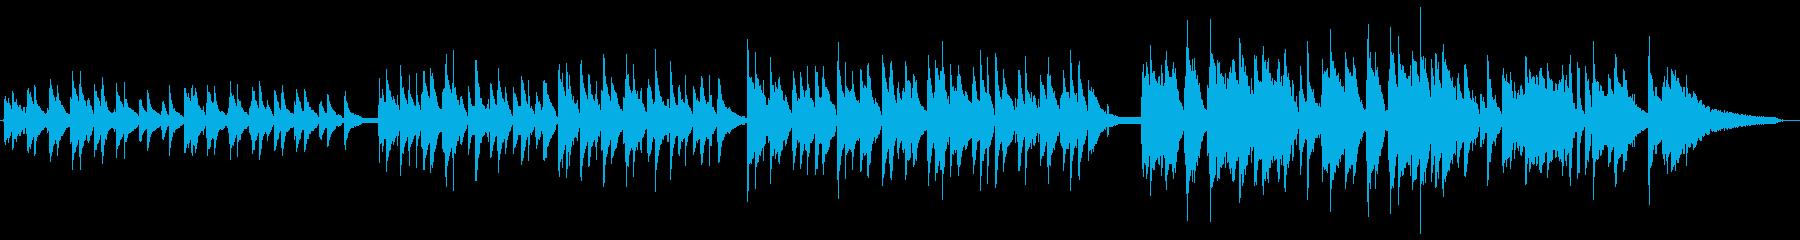 梅雨イメージのピアノとバイオリンによる曲の再生済みの波形